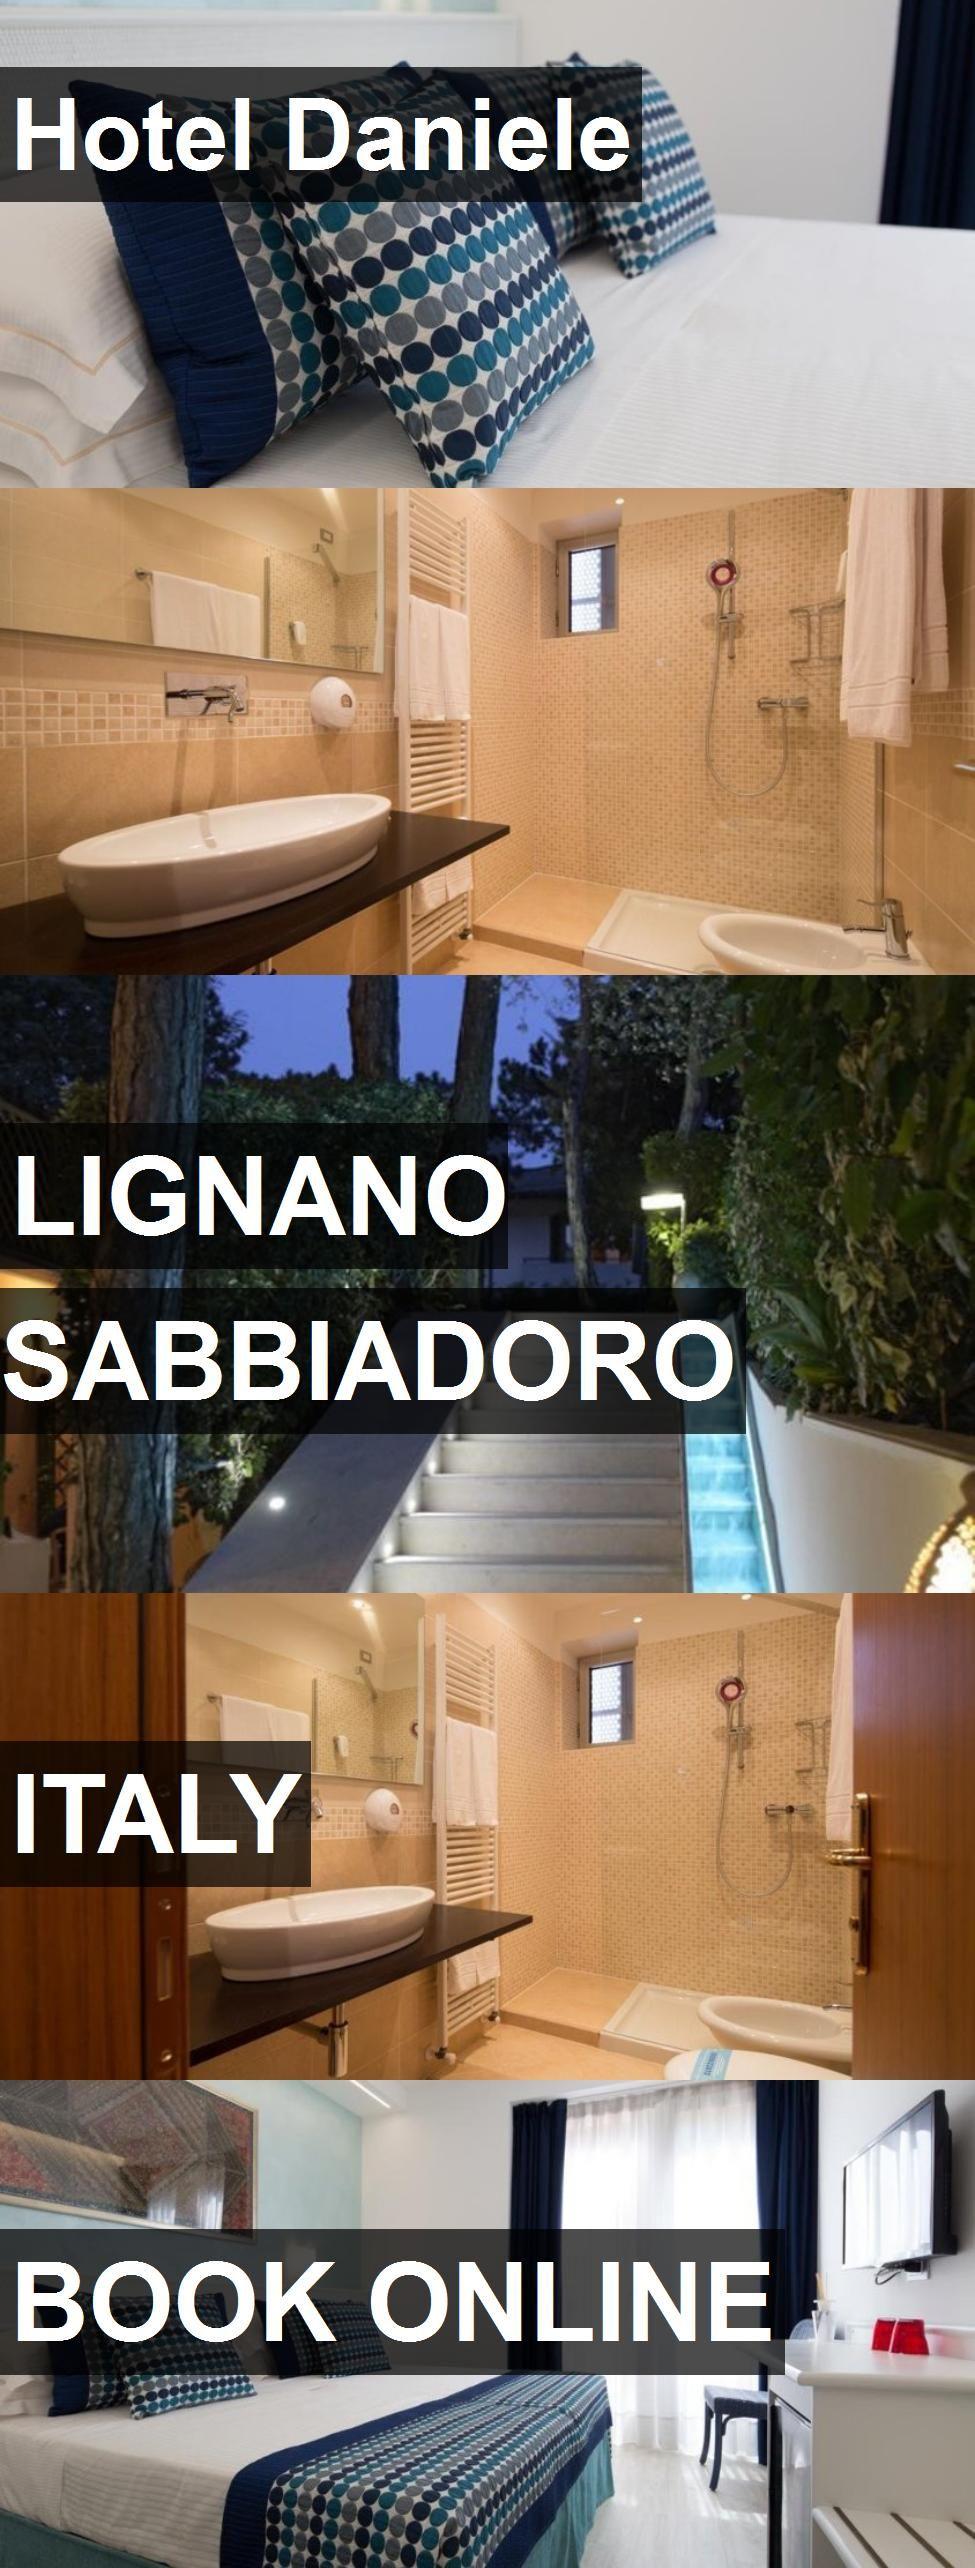 Hotel Daniele in Lignano Sabbiadoro, Italy. For more